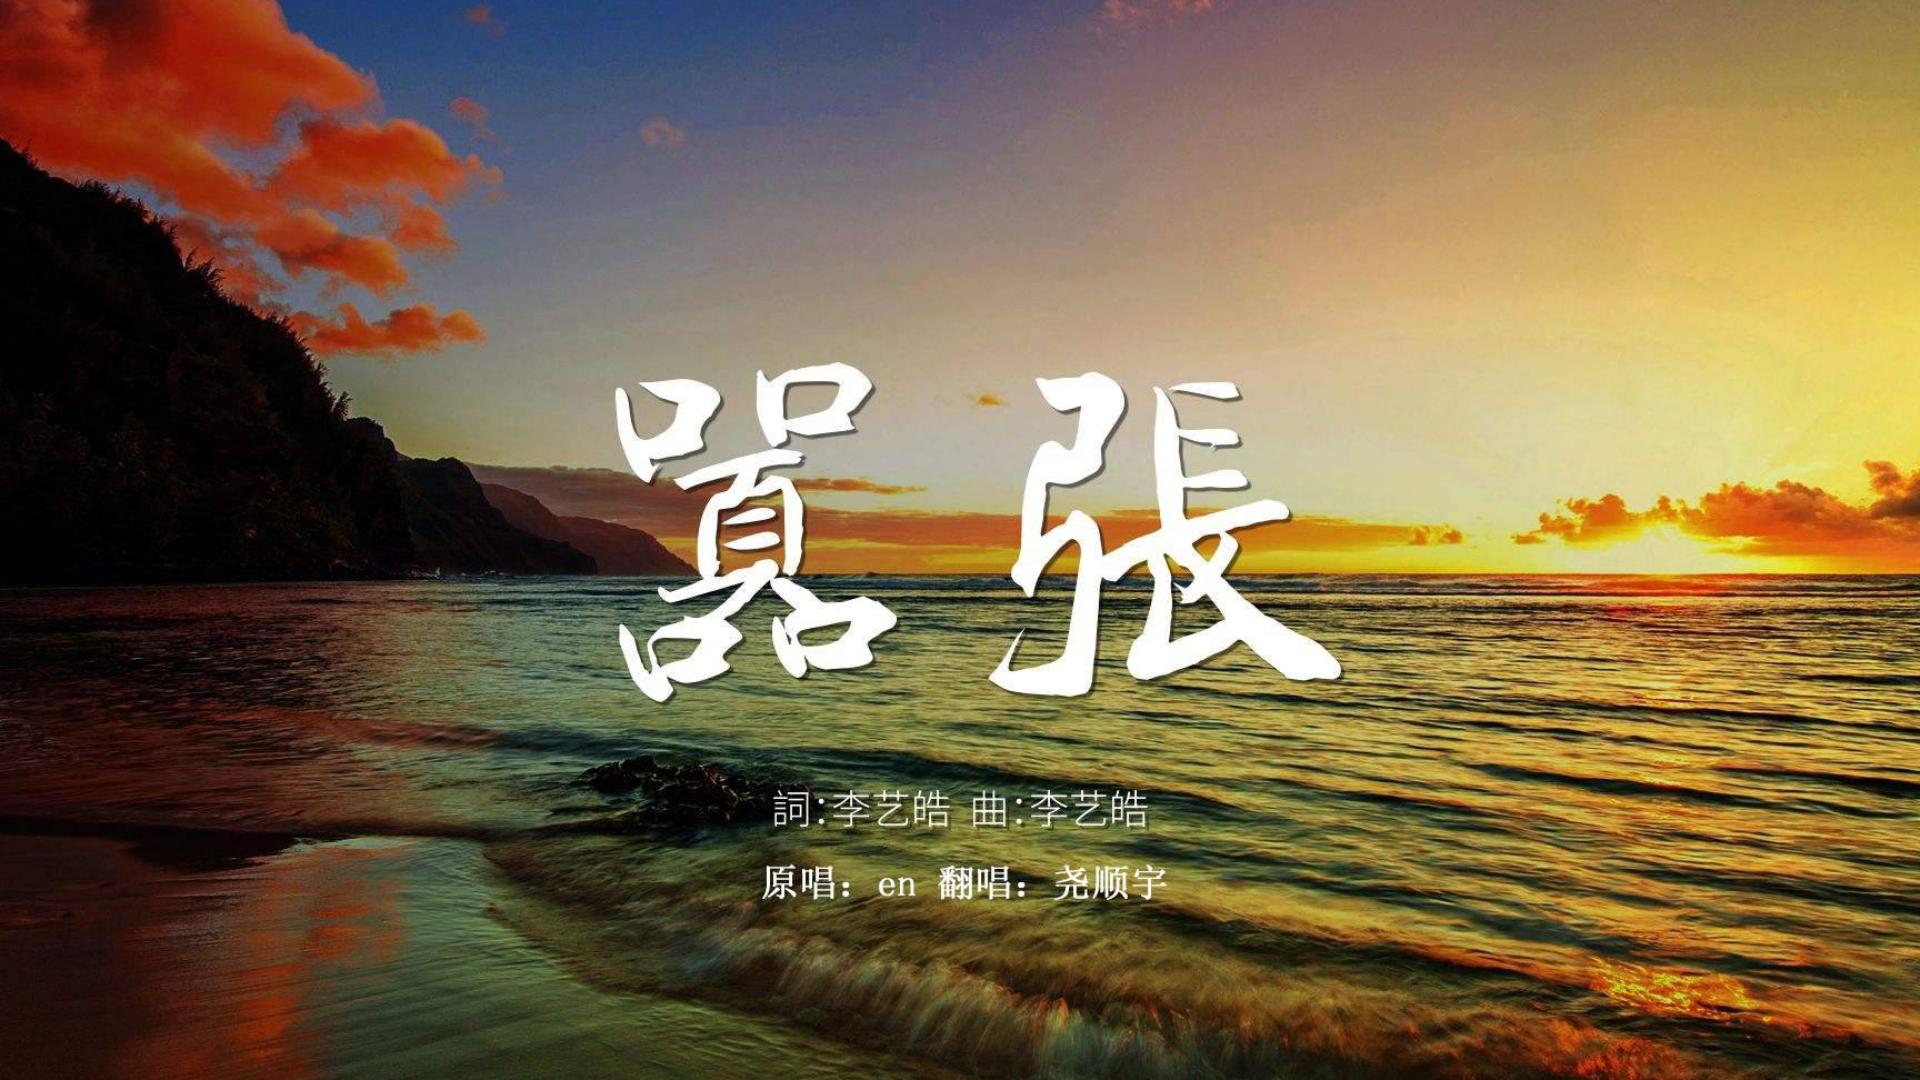 【嚣张】尧顺宇(卖血哥)